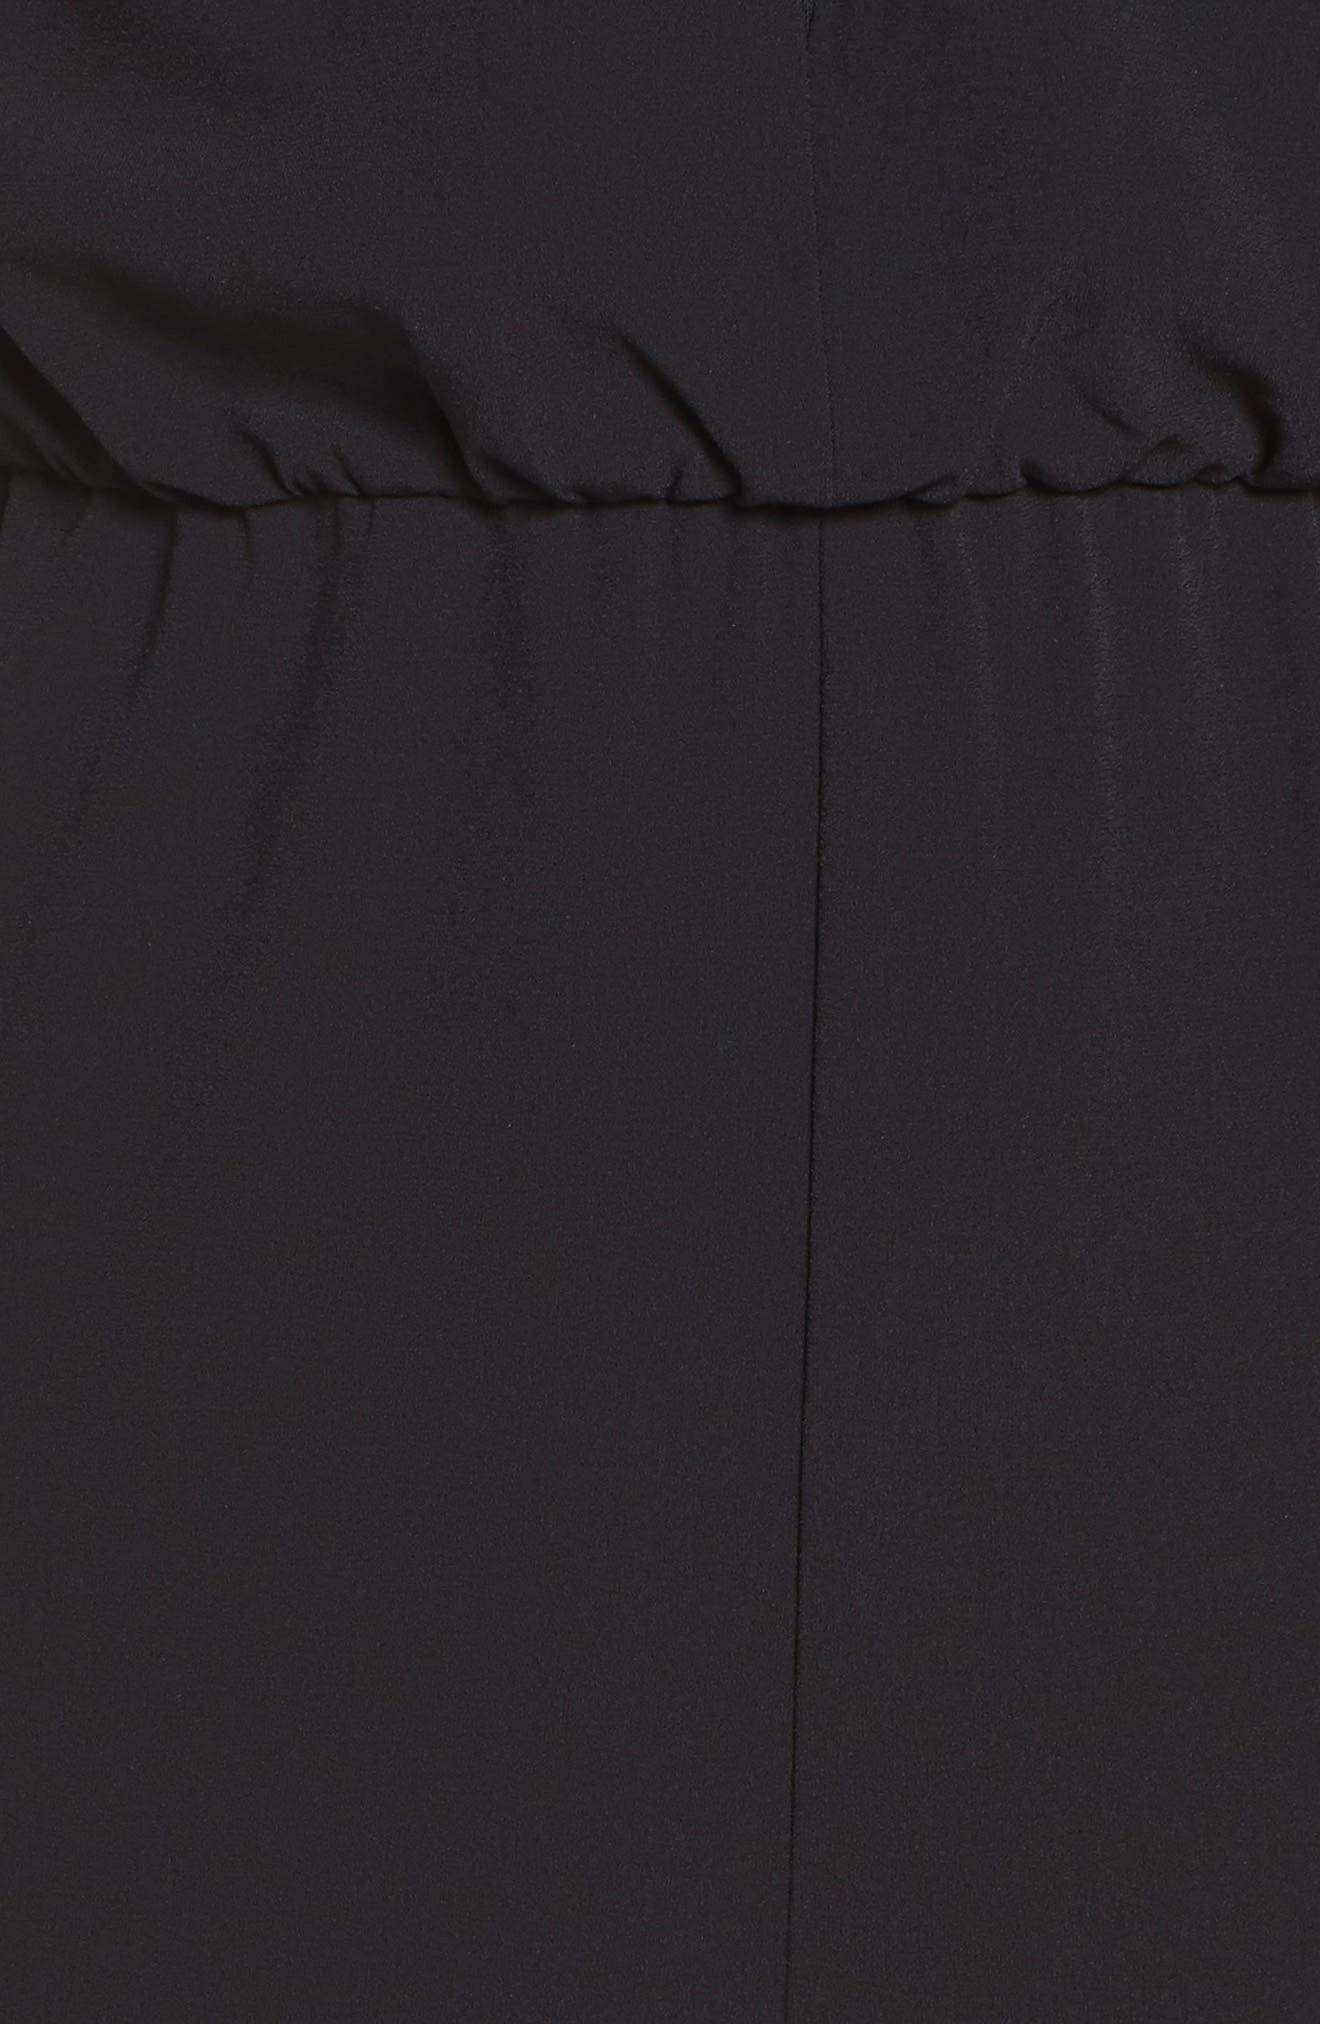 Cape Sleeve Jumpsuit,                             Alternate thumbnail 5, color,                             001